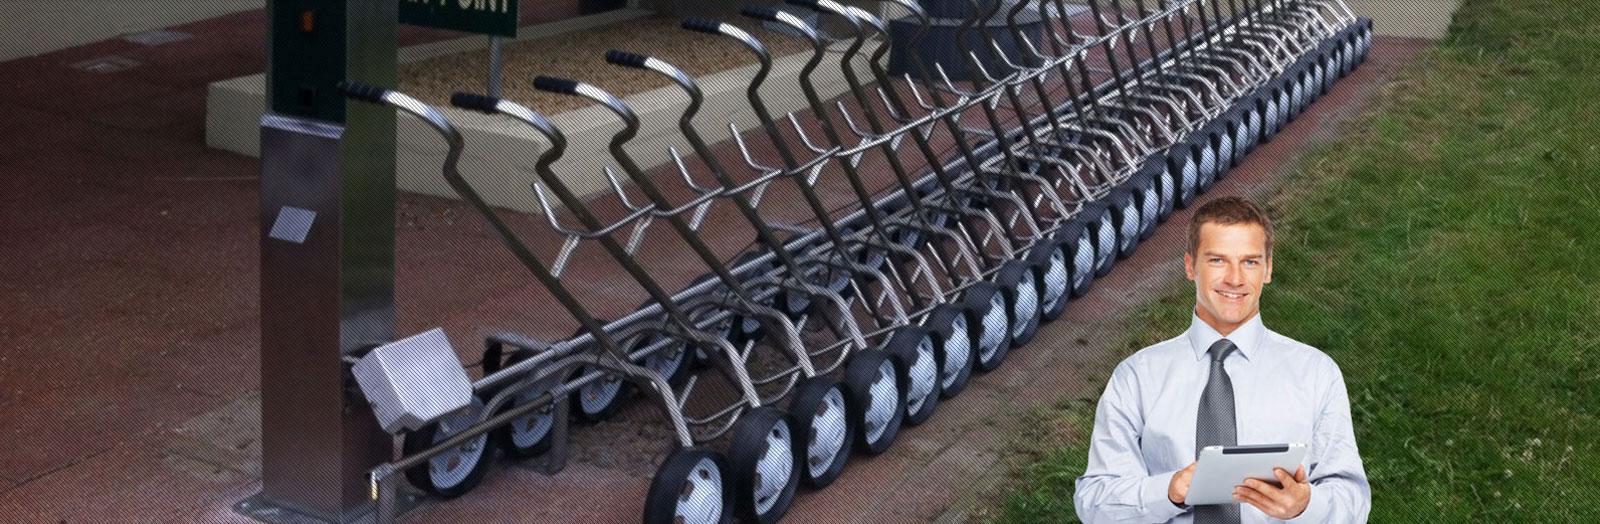 Keypad Golf Trolley systems